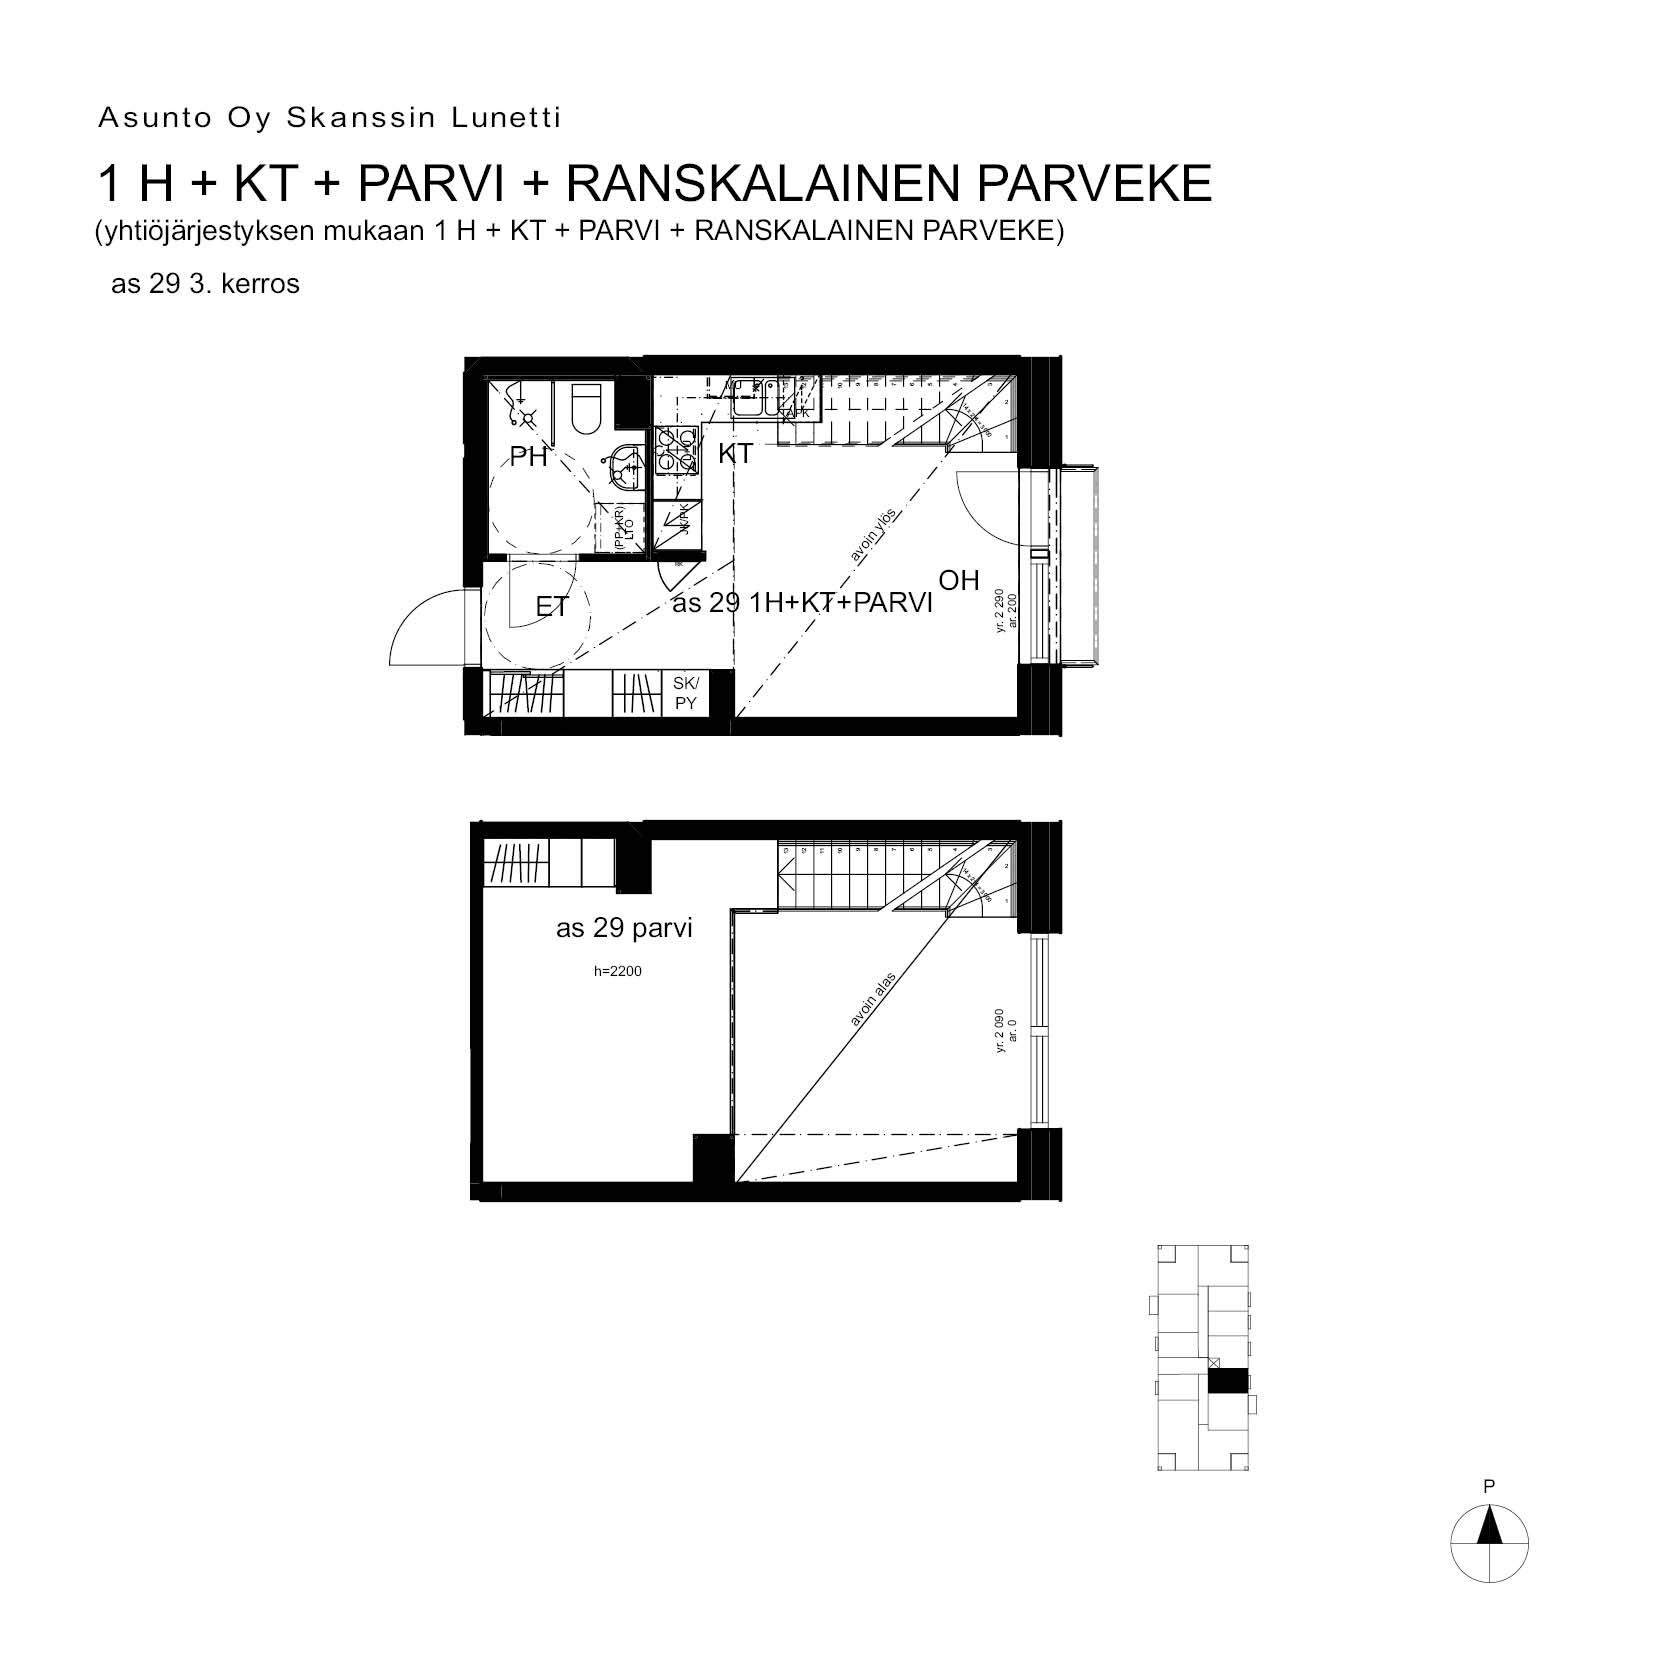 A29, 40.5 m<sup>2</sup>, 1H+KT+PARVI+ransk.p.